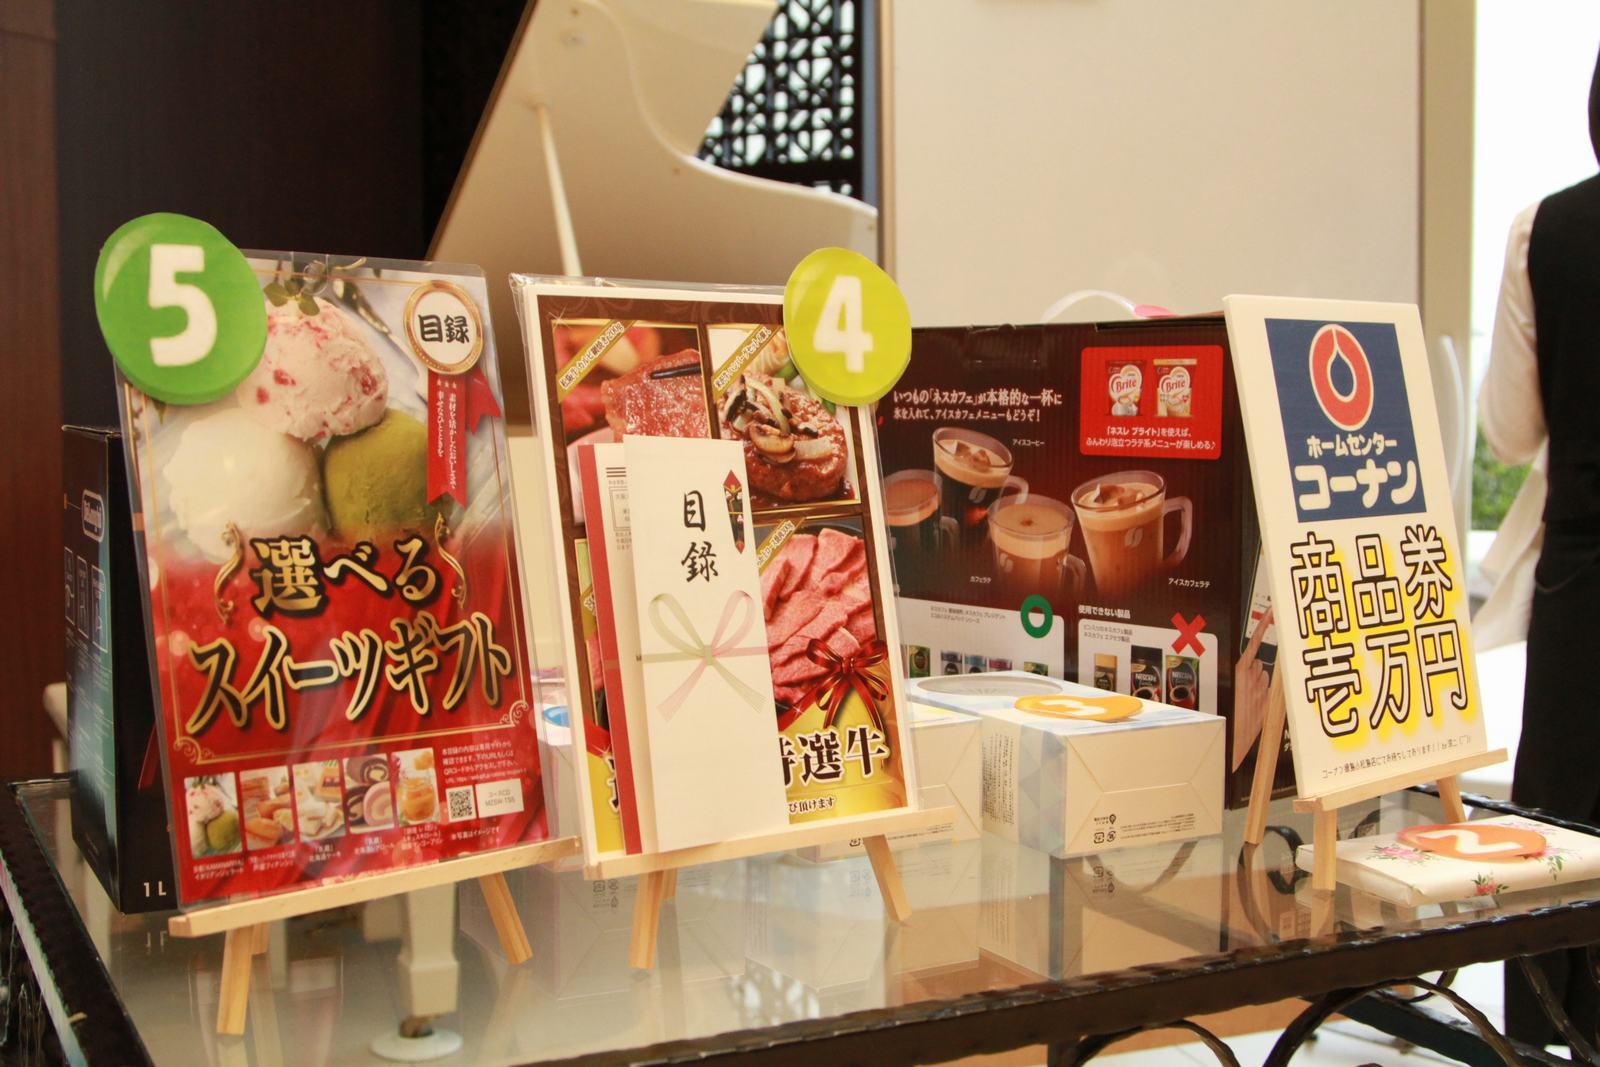 徳島市の結婚式場ブランアンジュで豪華景品をかけてのビンゴゲーム